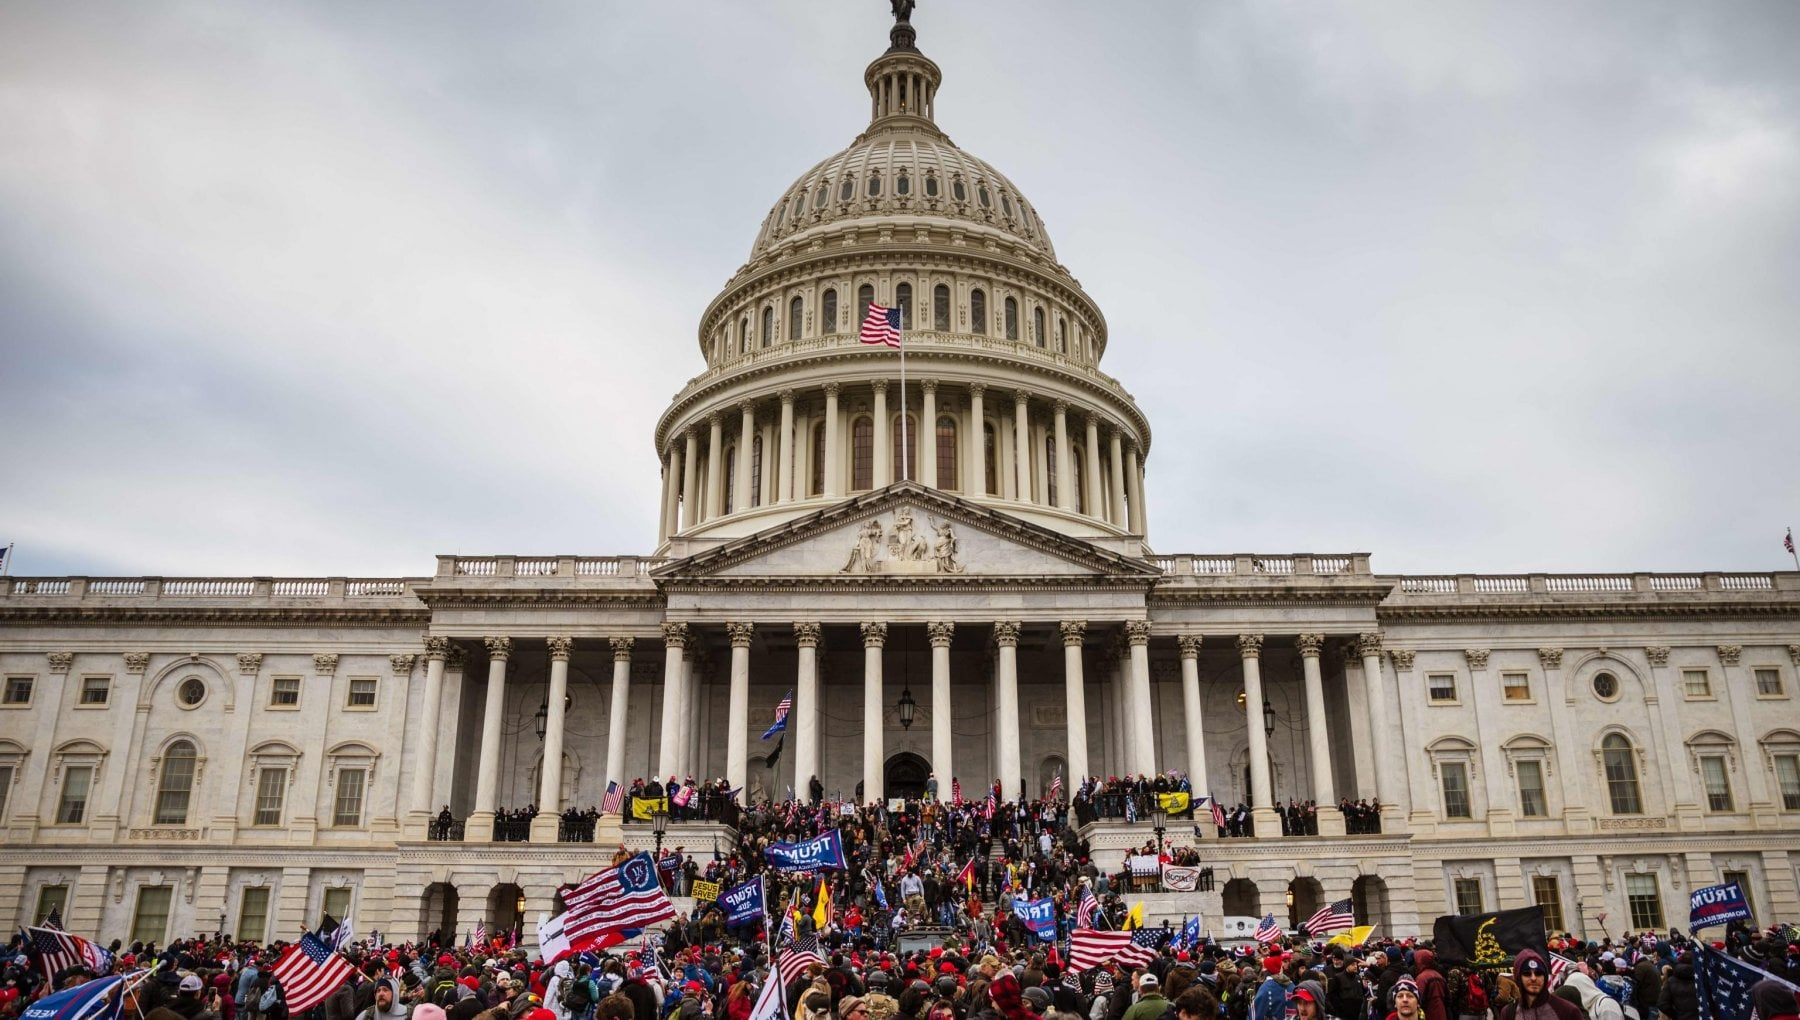 """224933532 96bb67e9 a300 465b a975 e76151dc7b87 - Il politologo Michael Walzer: """"L'America salvata da donne e uomini capaci di dire no"""""""